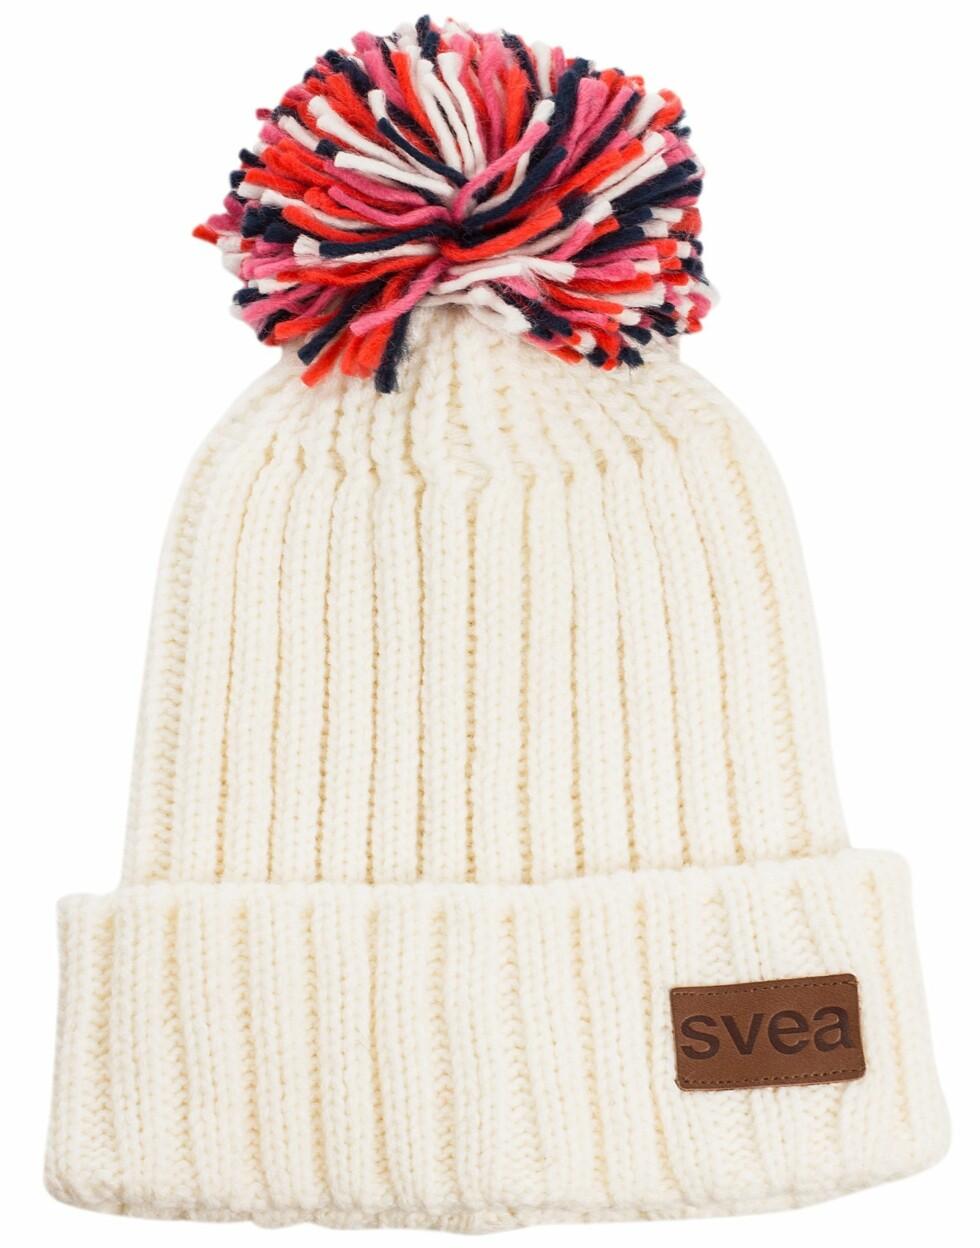 Hvit Svea strikkelue med fargerik dusk. Fås hos nelly.com til 299 kroner.  Foto: Produsenten